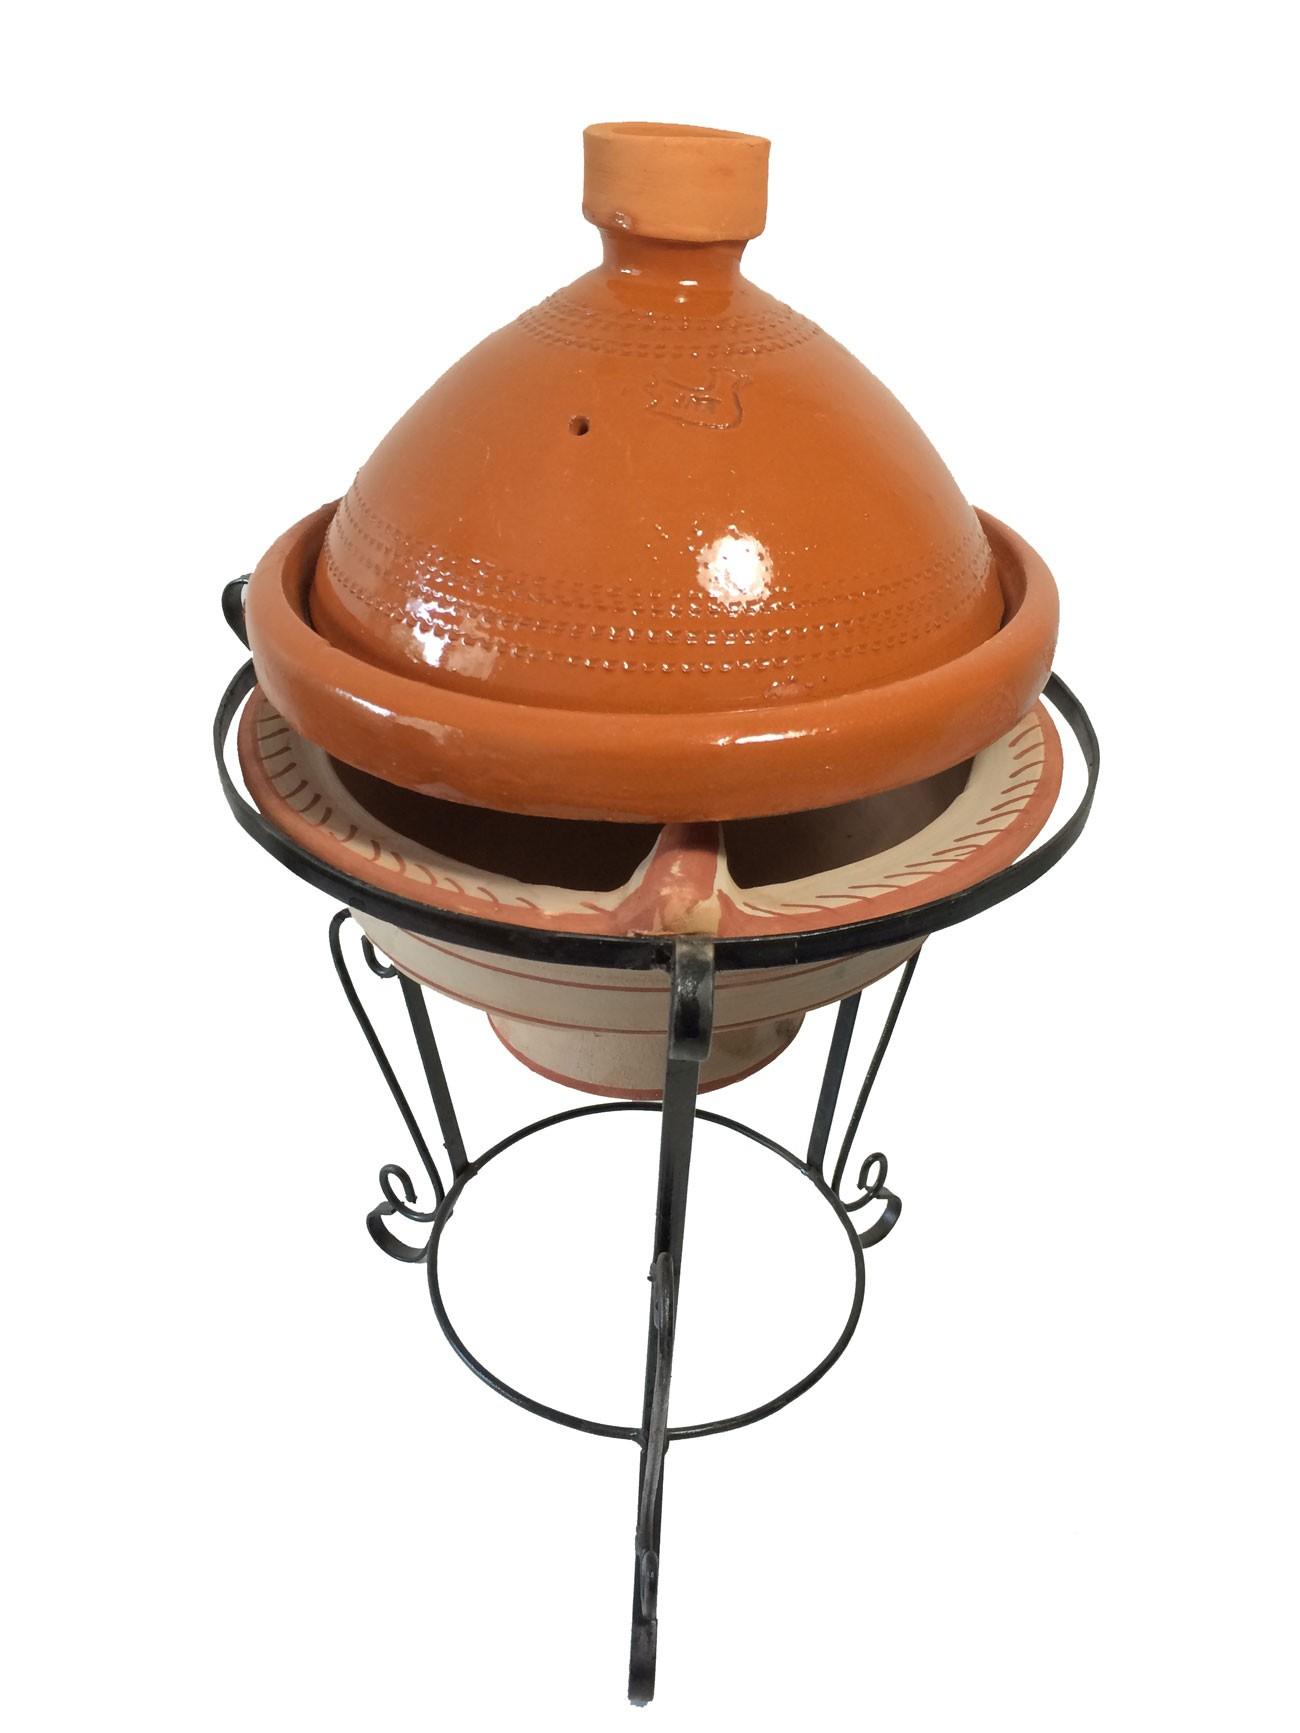 Plat tajine en terre cuite verniss 27 cm et son brasero cm - Plat a tajine en terre cuite ...